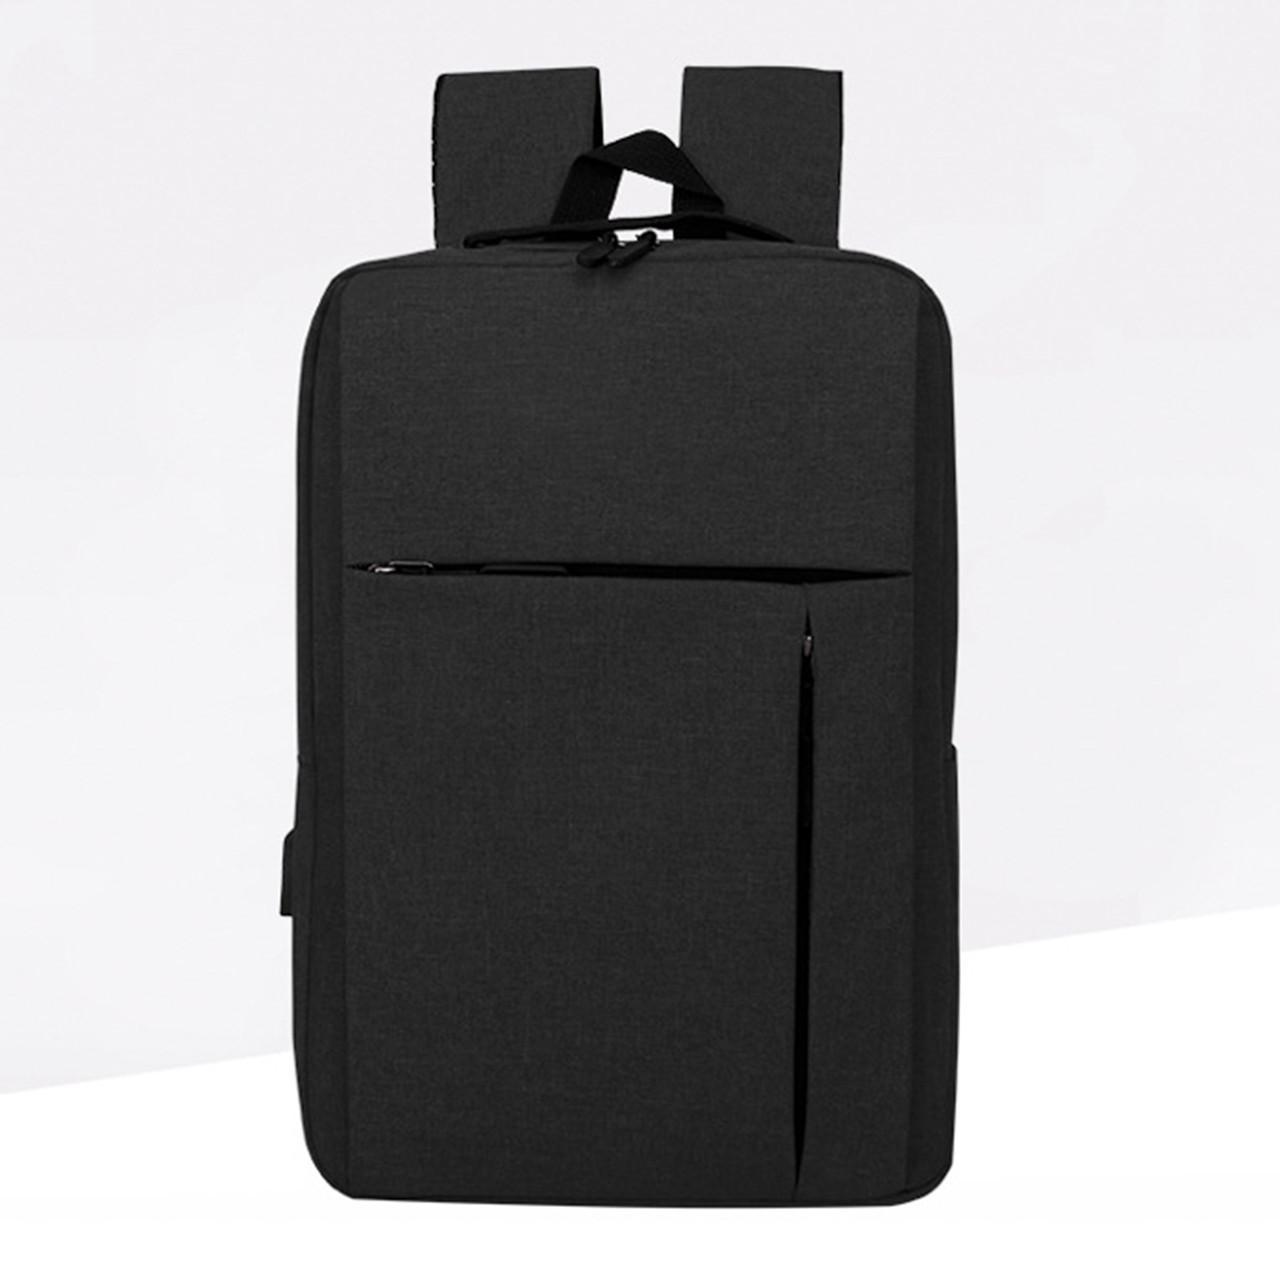 Рюкзак молодежный Display черный с USB